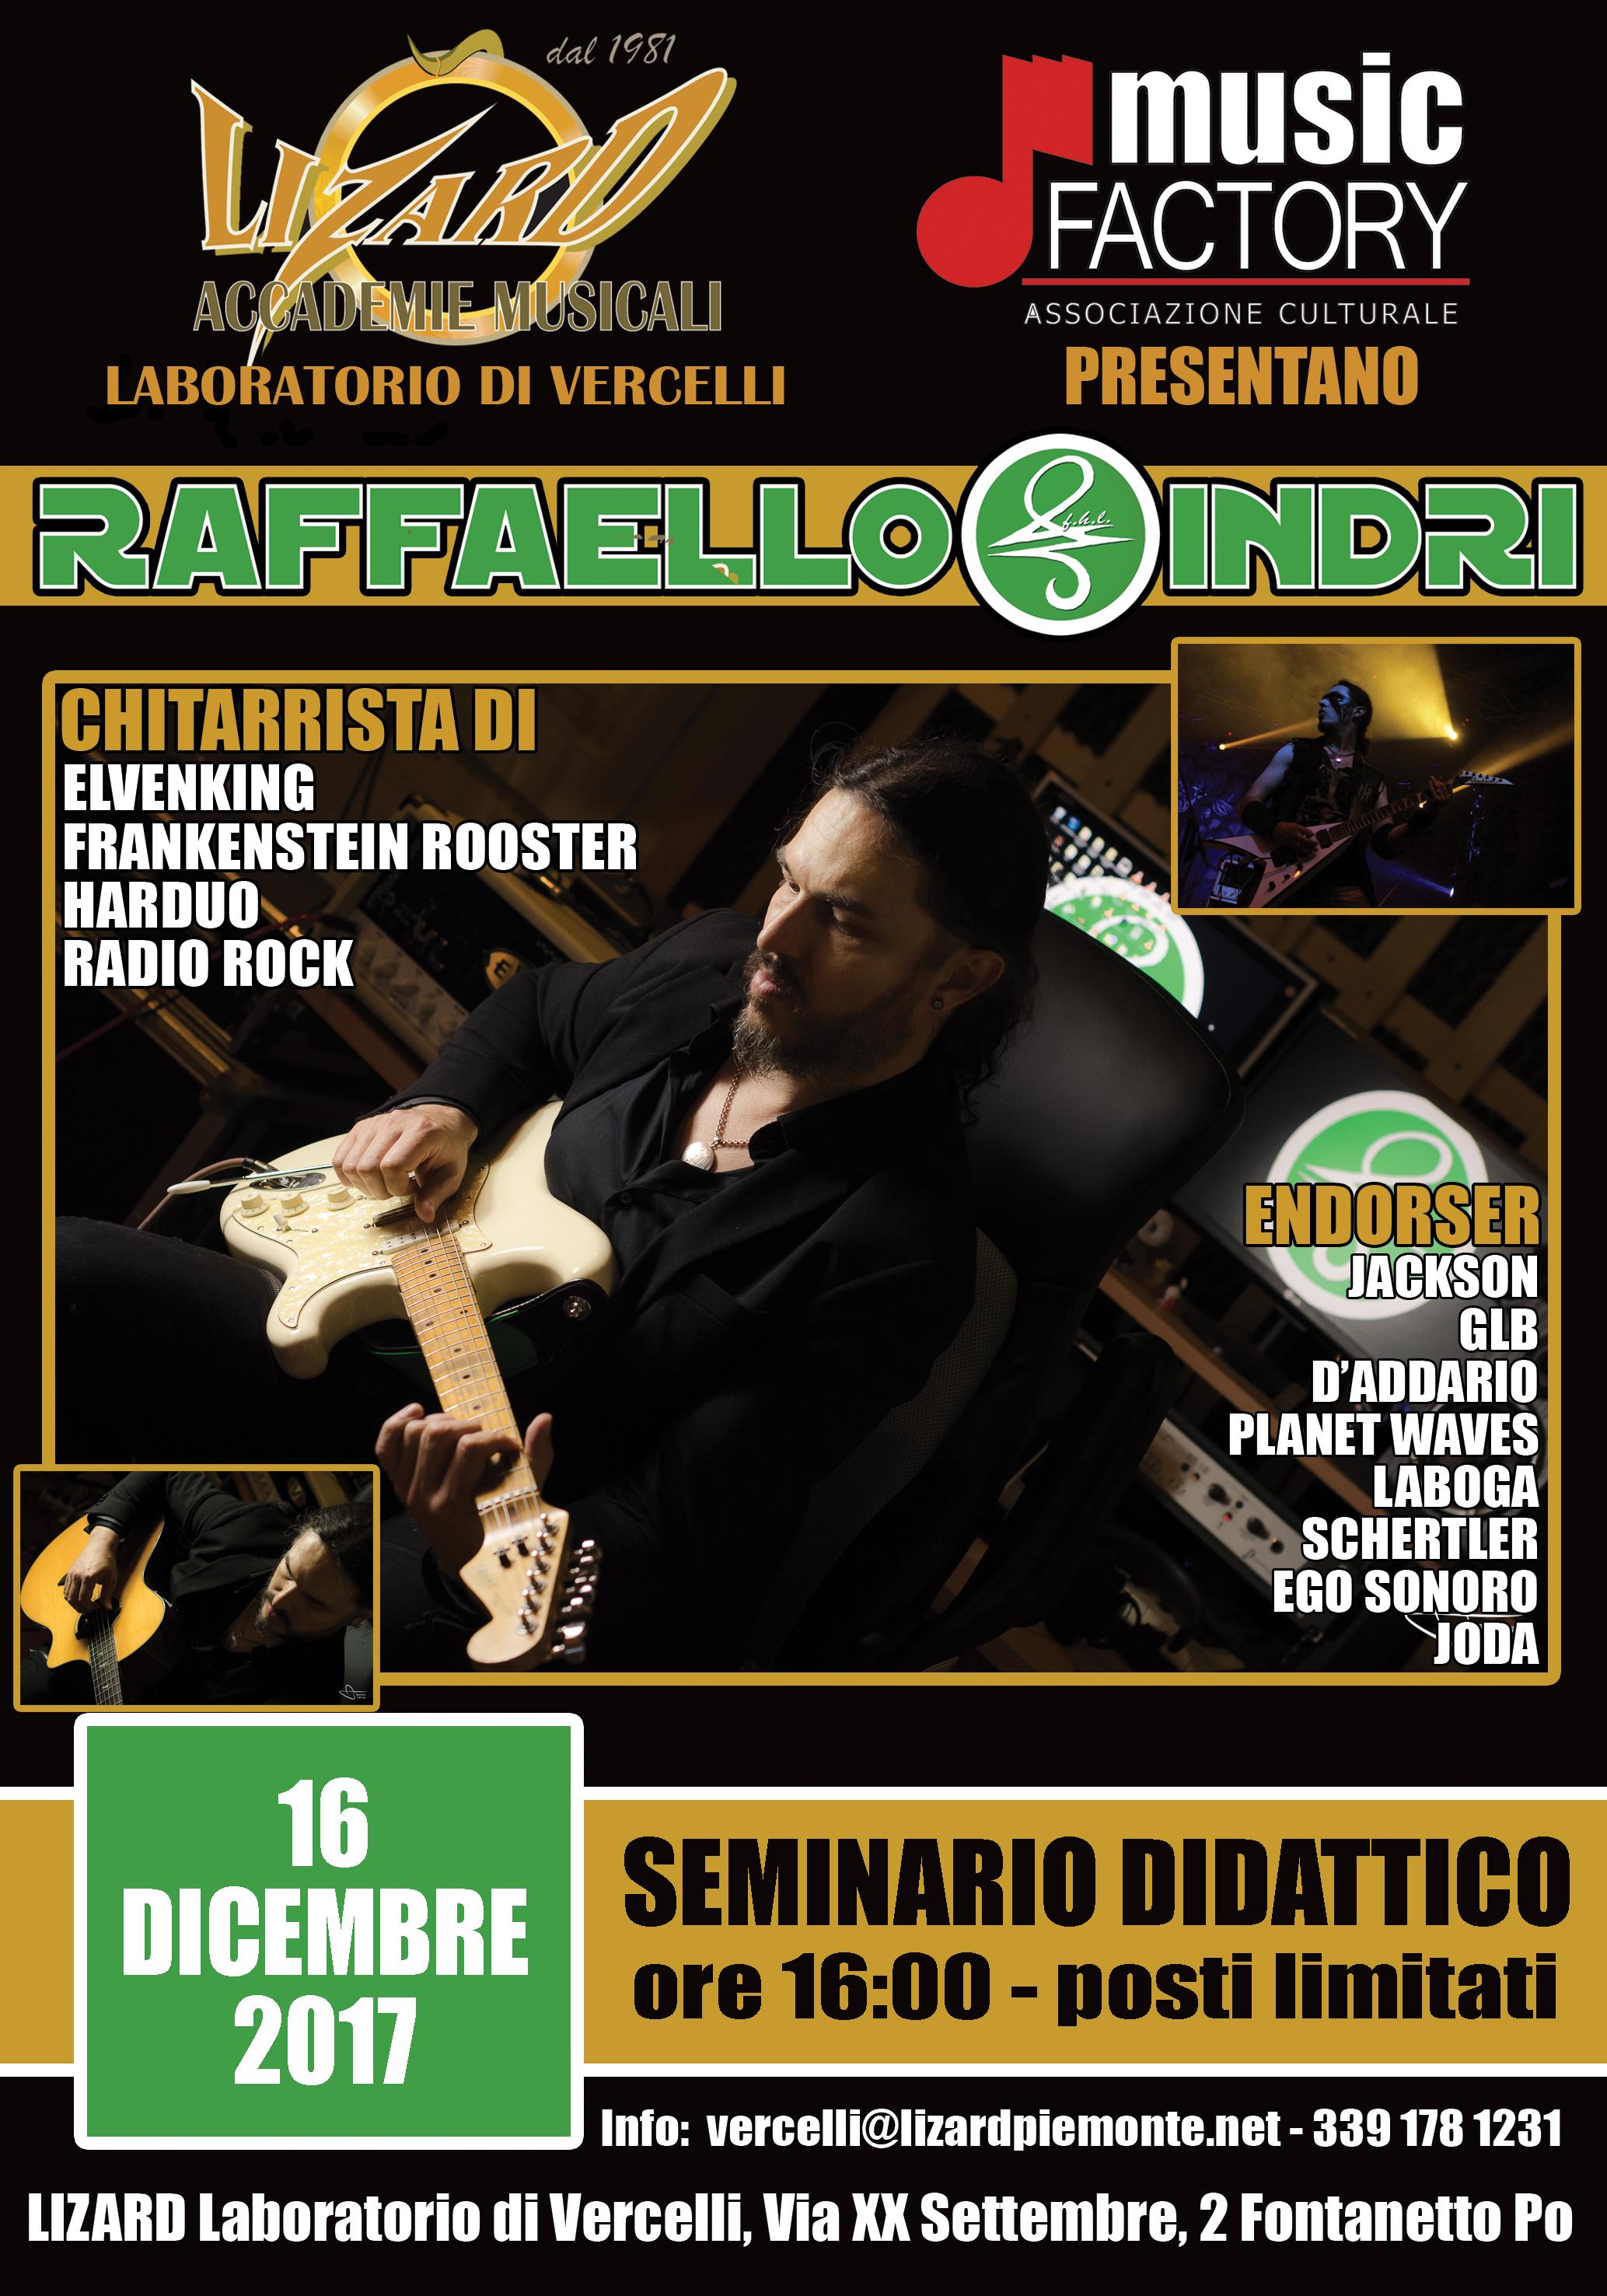 SEMINARIO DIDATTICO 16/12/2017 (Laboratorio Lizard Vercelli)